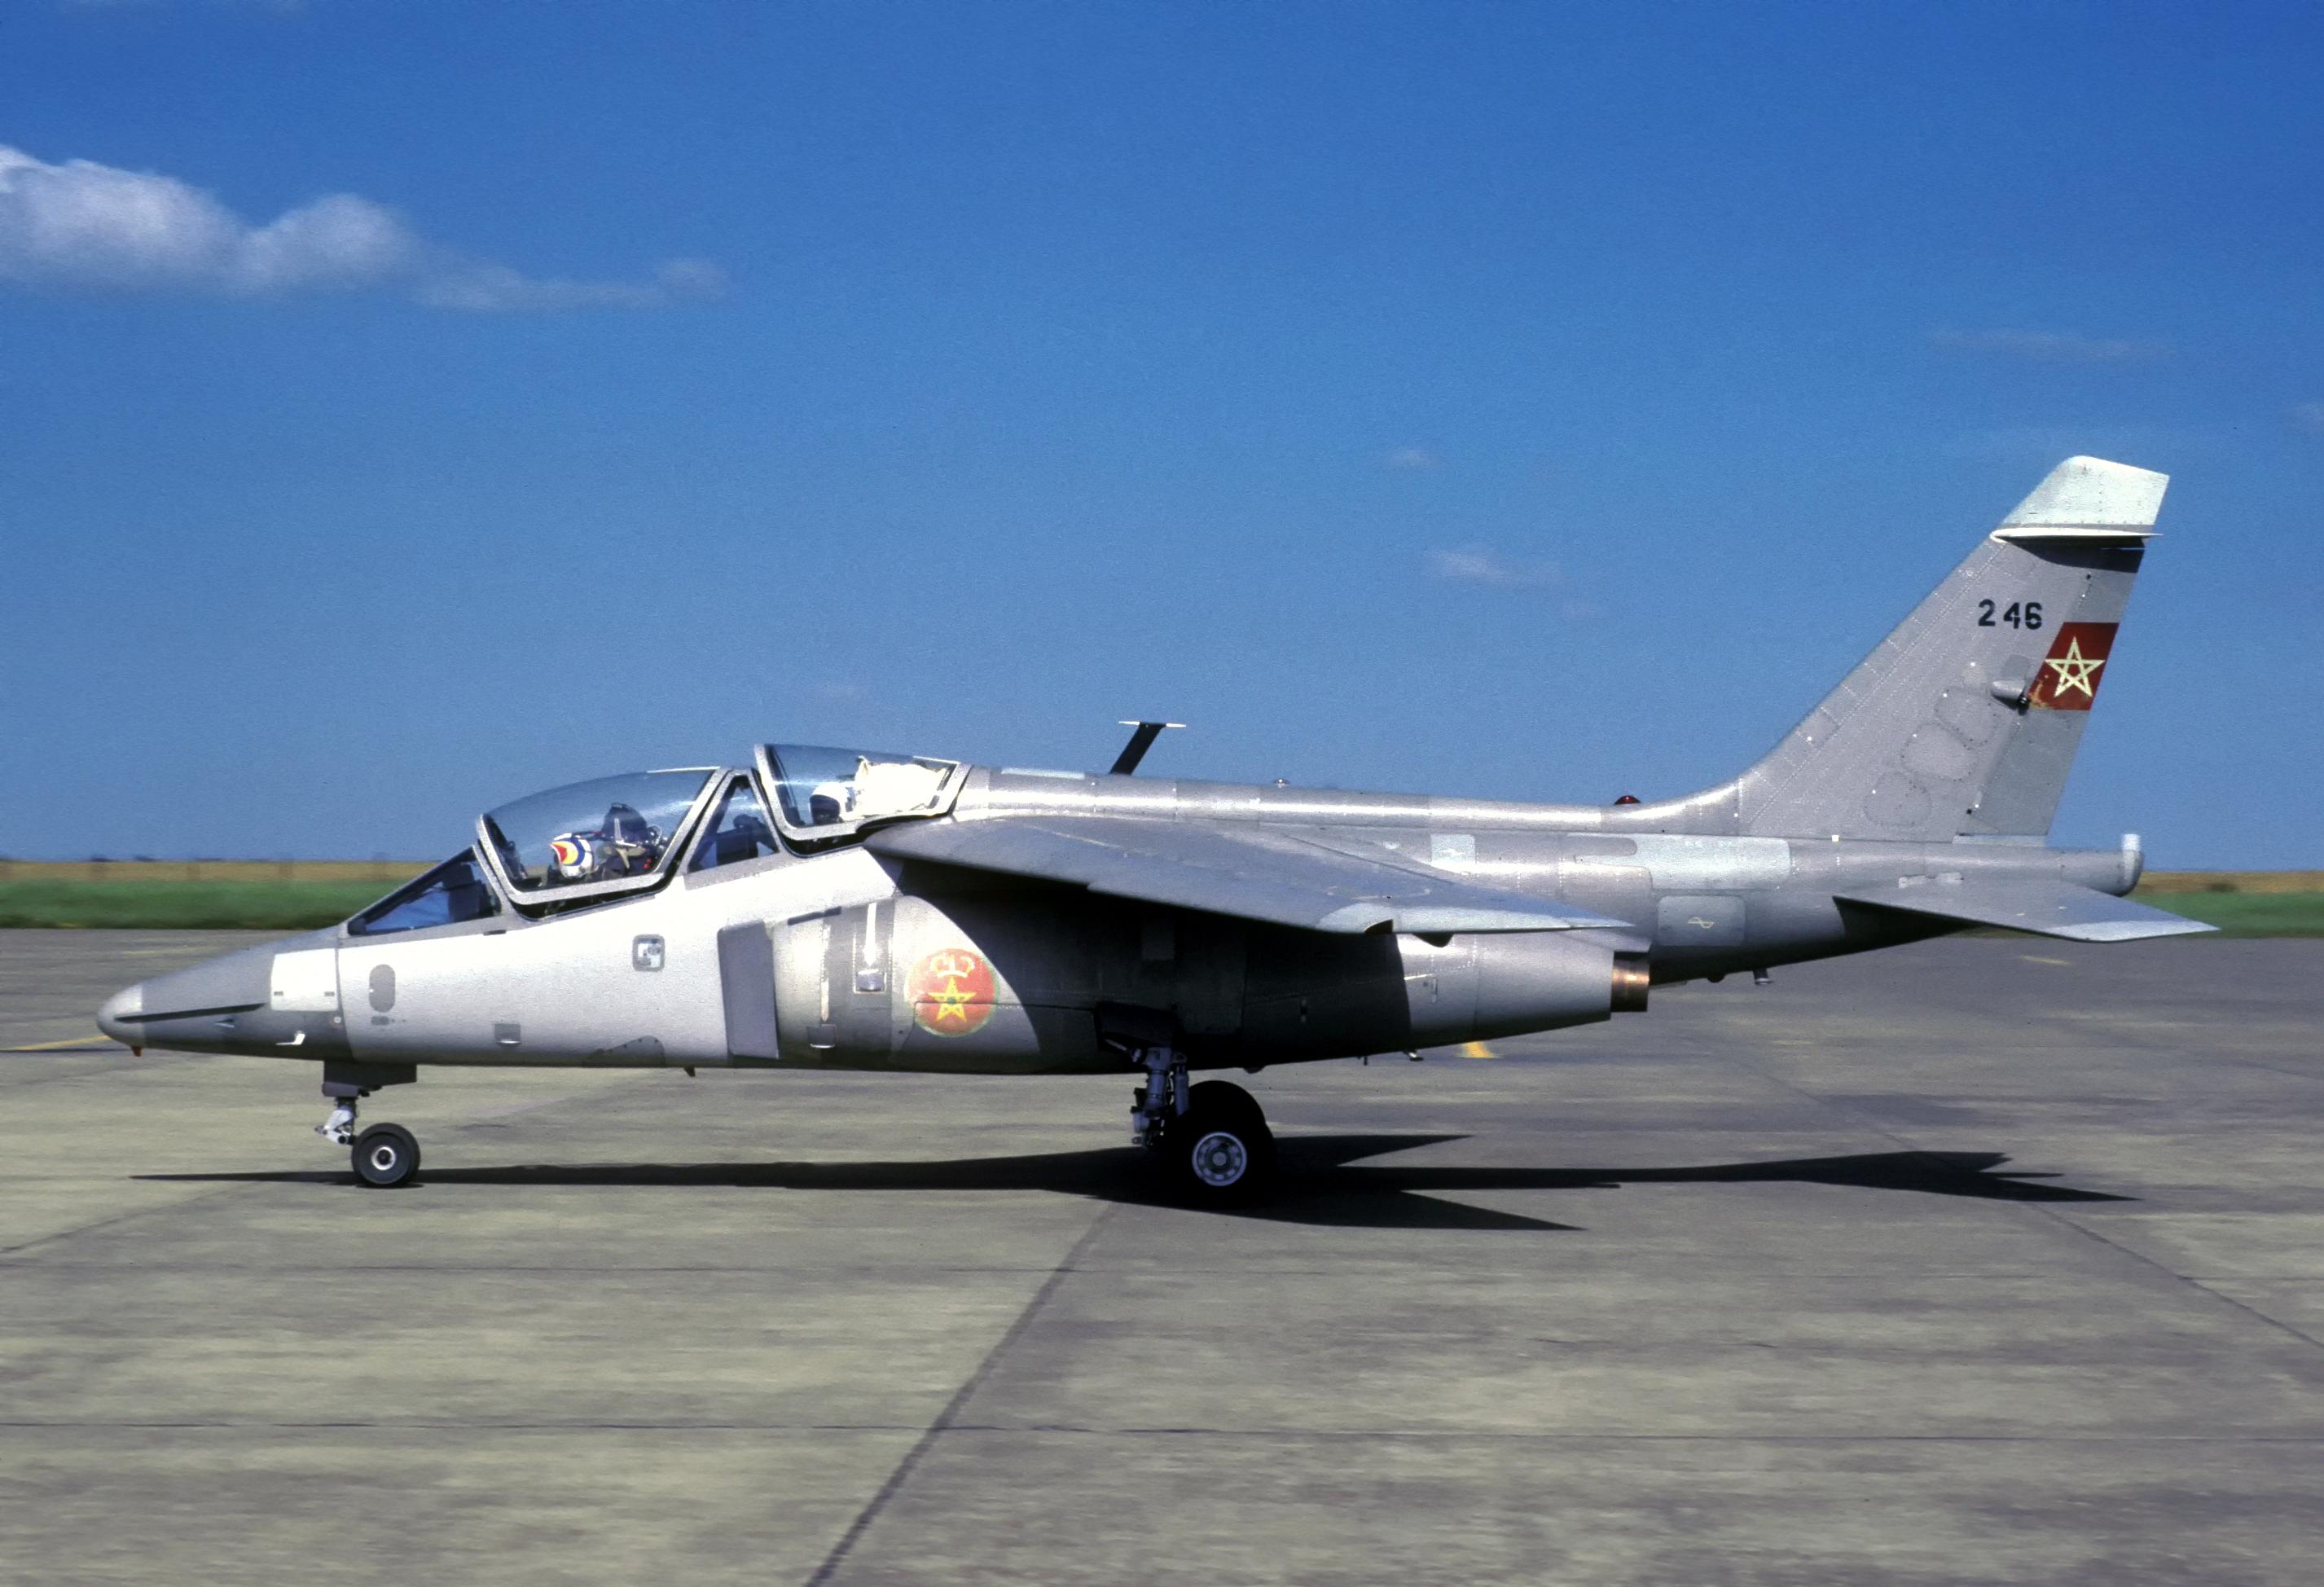 FRA: Photos avions d'entrainement et anti insurrection - Page 9 33385911275_521c099413_o